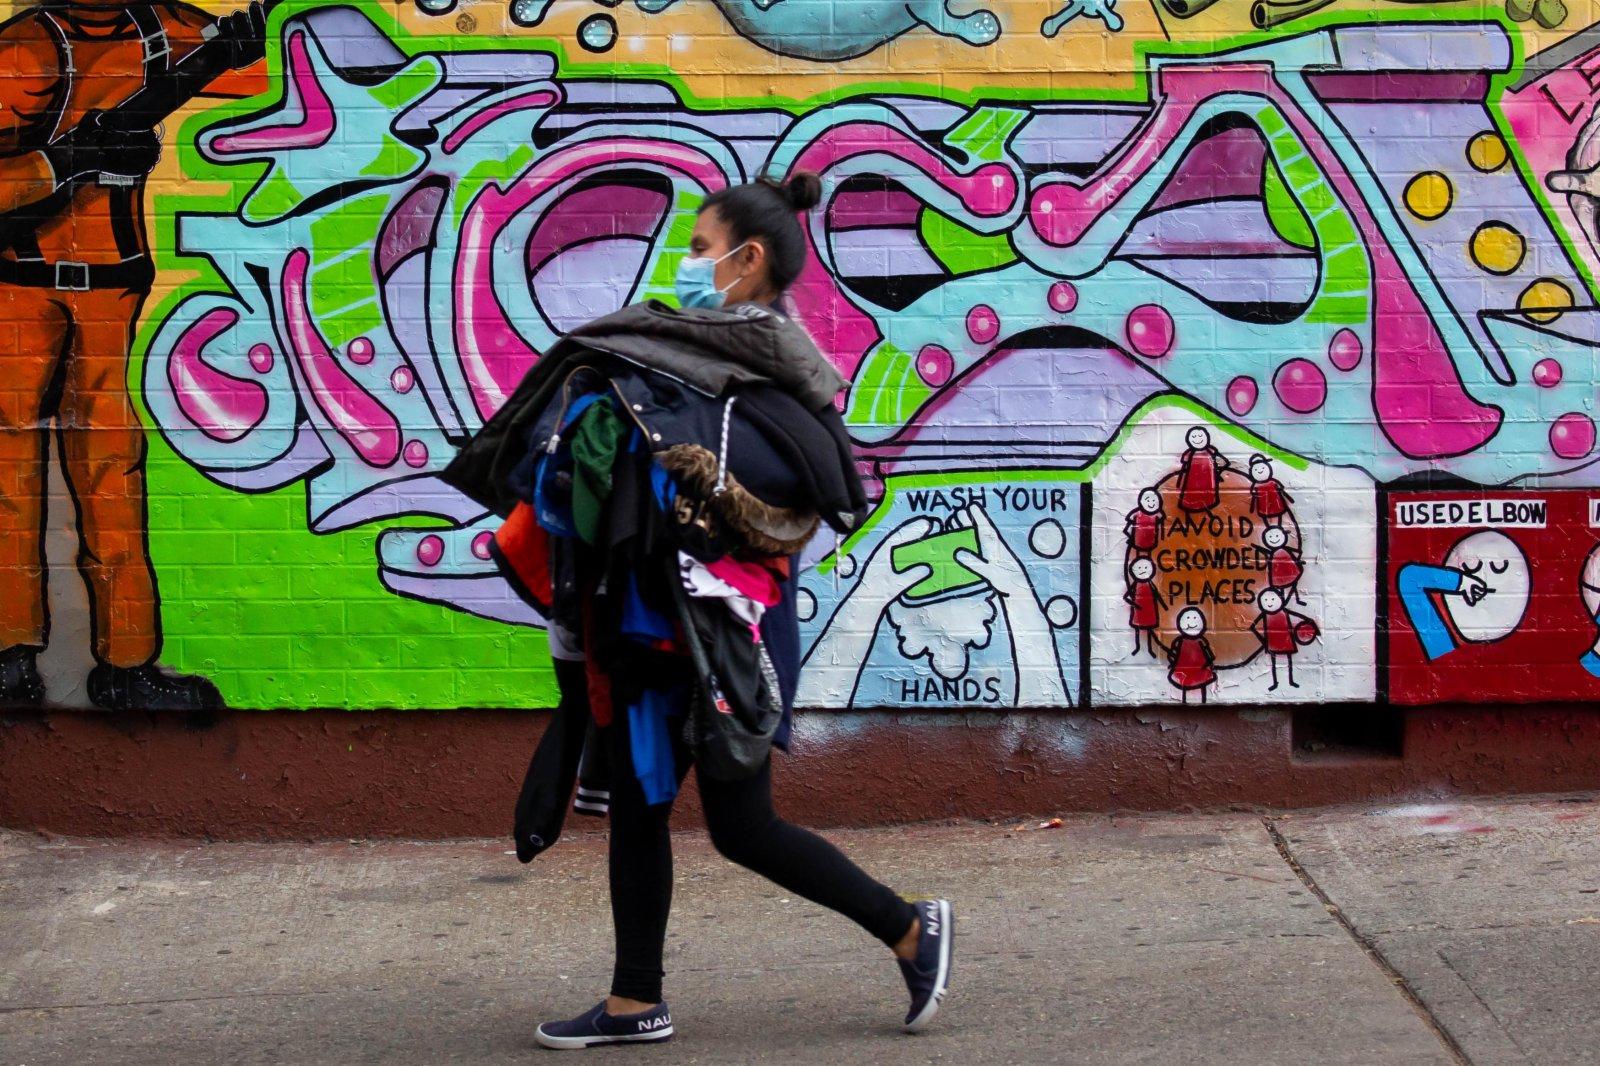 美國約翰斯·霍普金斯大學21日發布的新冠疫情最新統計數據顯示,美國累計確診病例超過1200萬例。11月21日,在美國紐約,一名女子走過抗疫宣傳壁畫。(新華社)